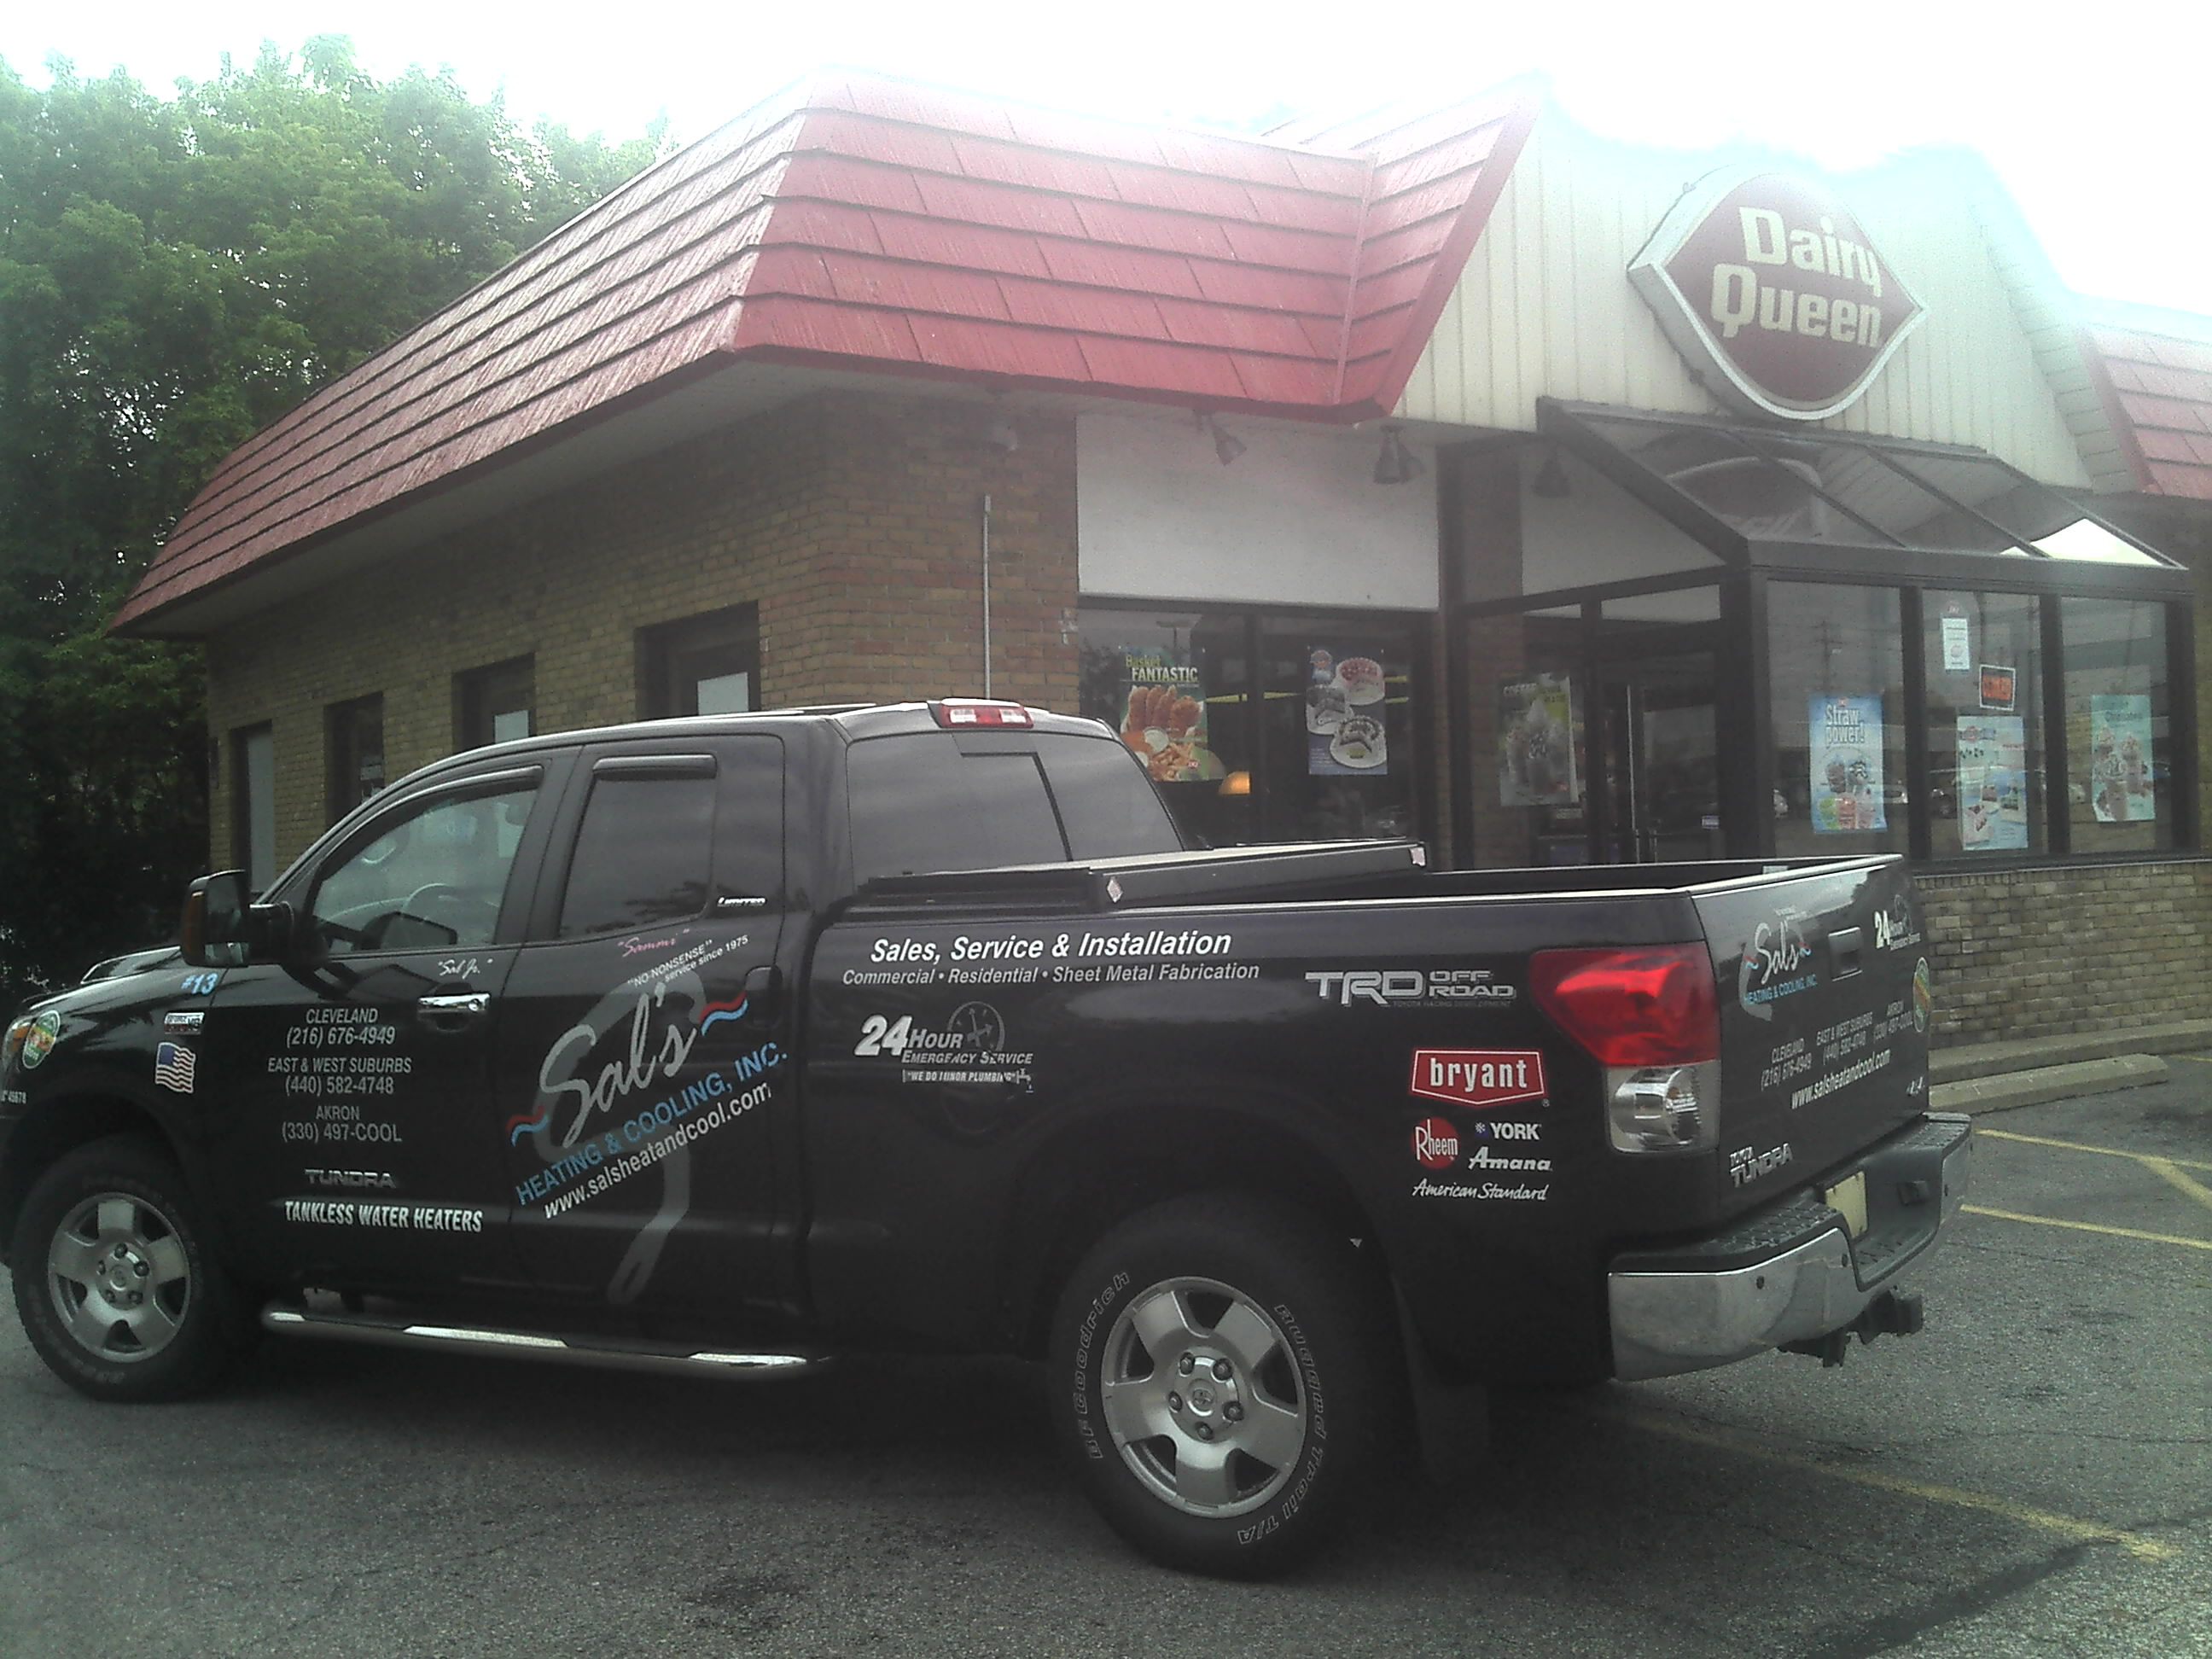 Dairy Queen in Bedford, Ohio